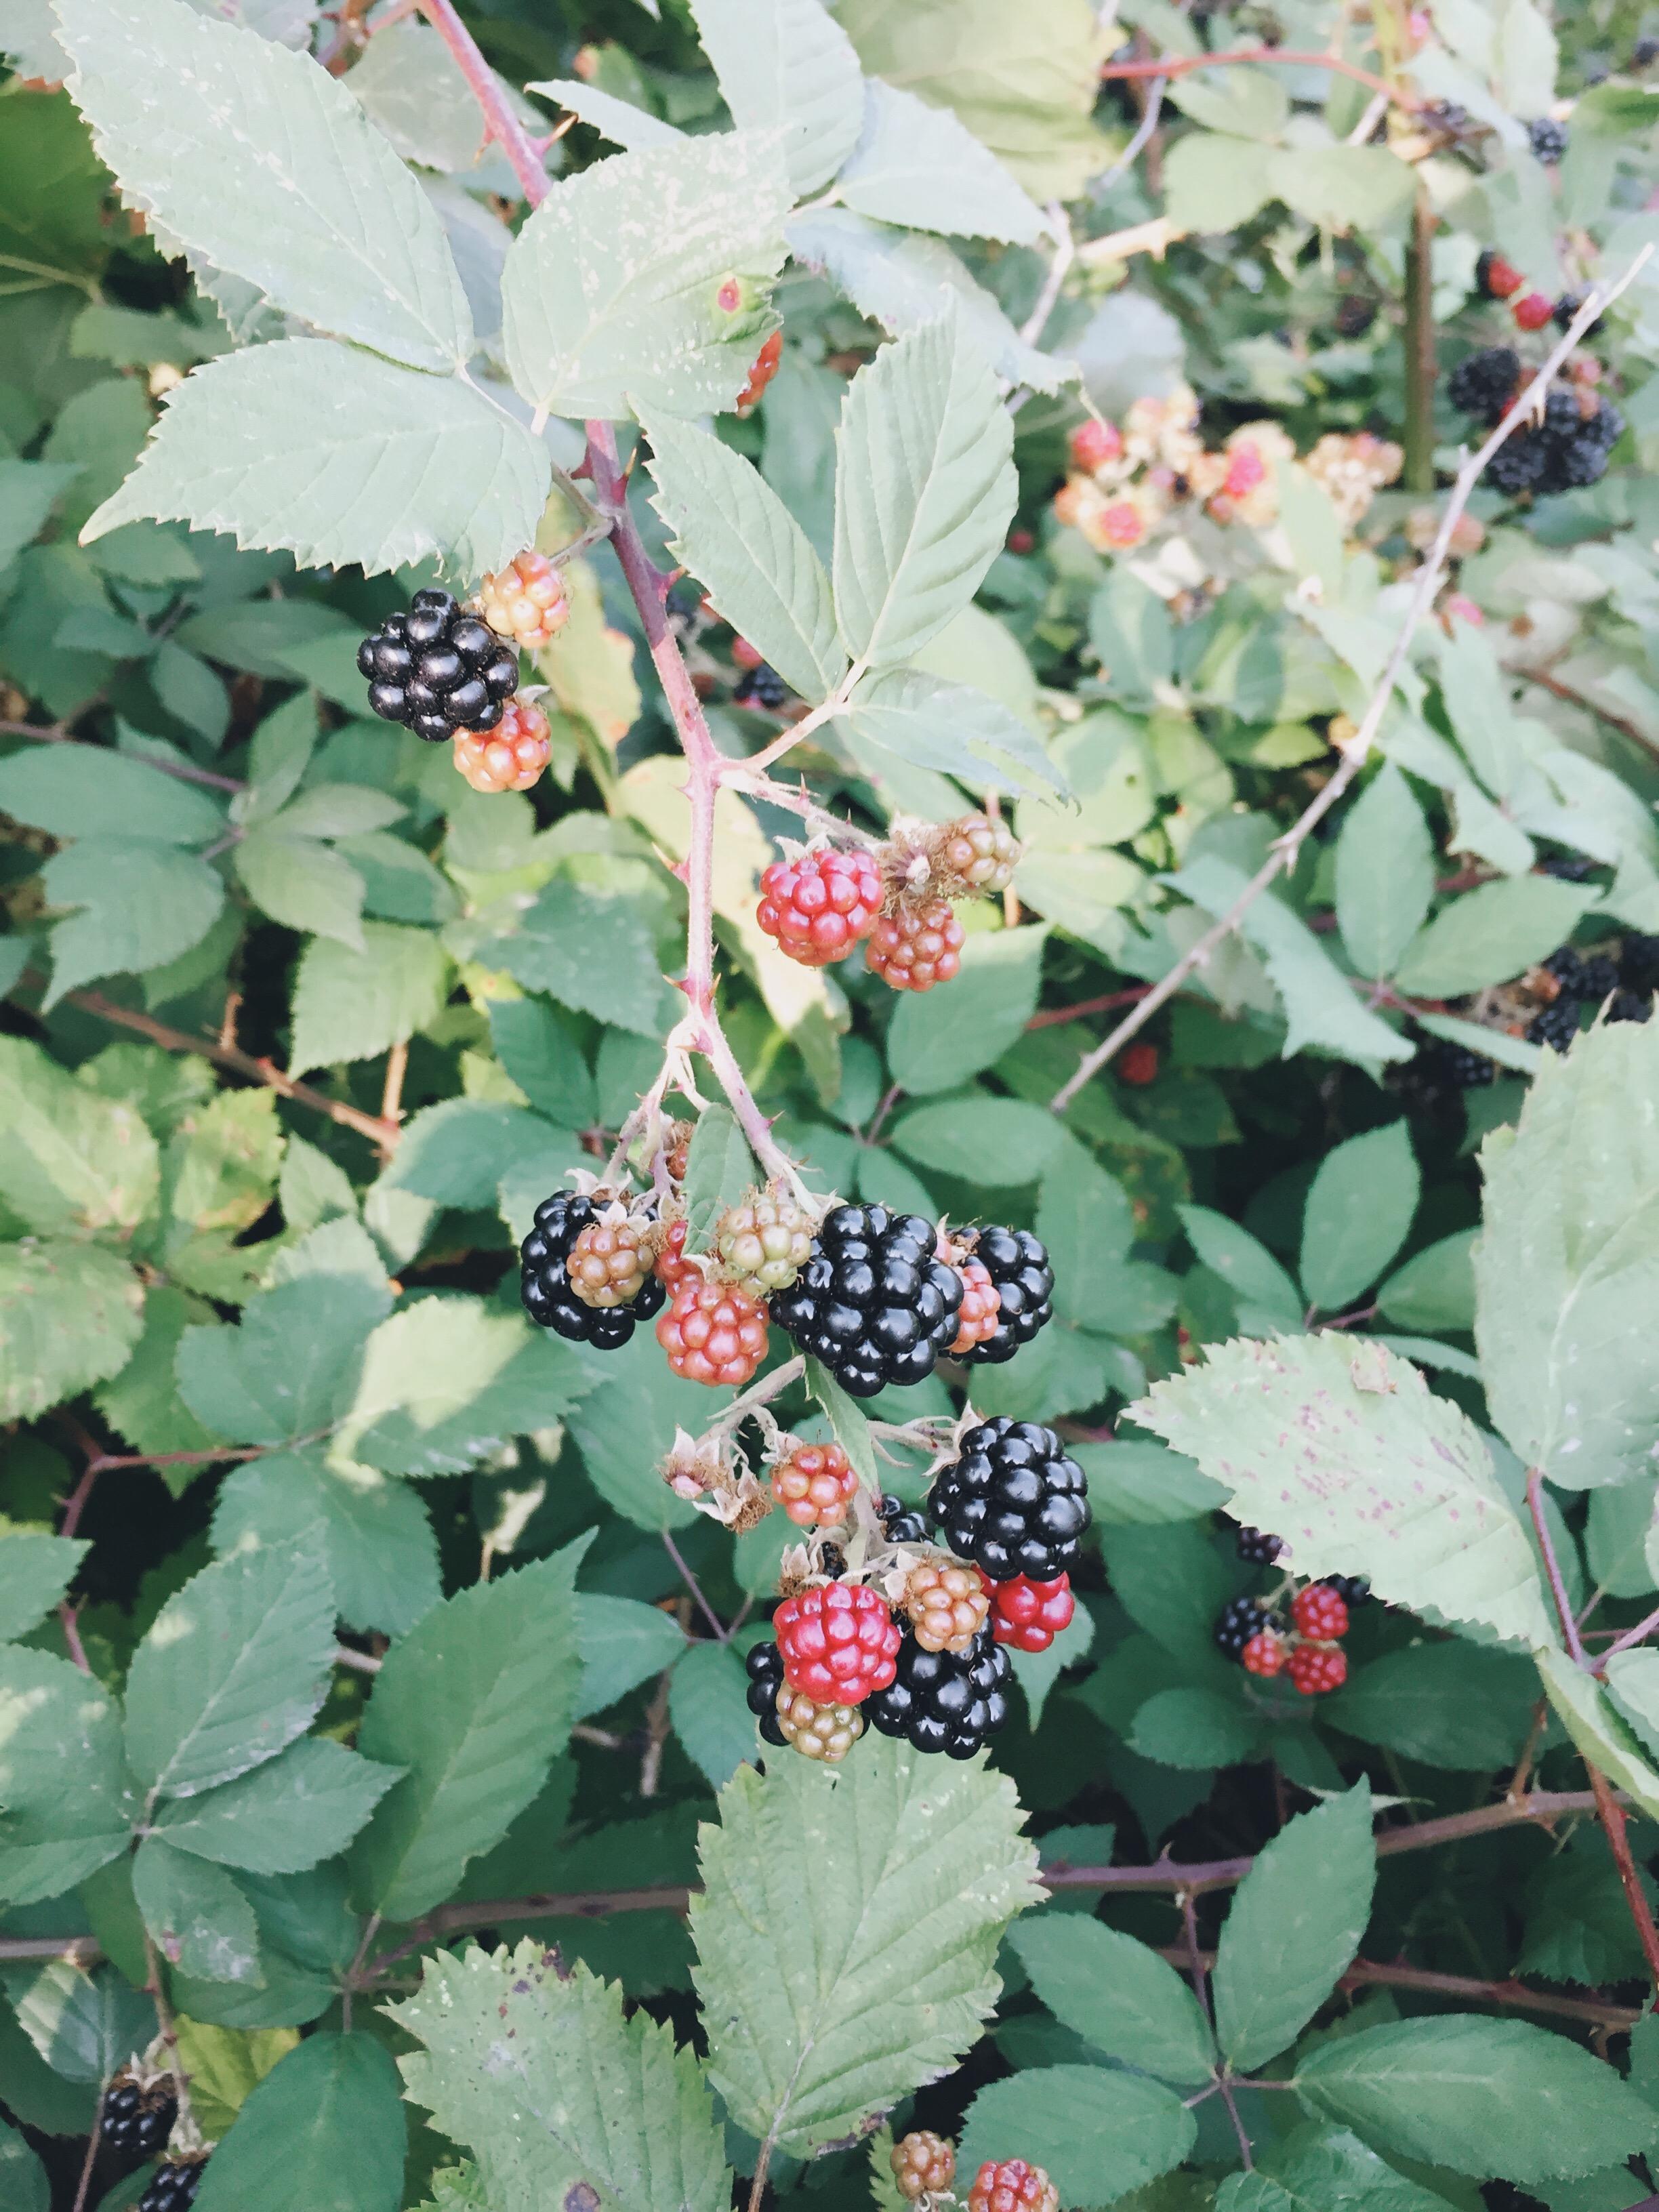 blackberries. My fav!!